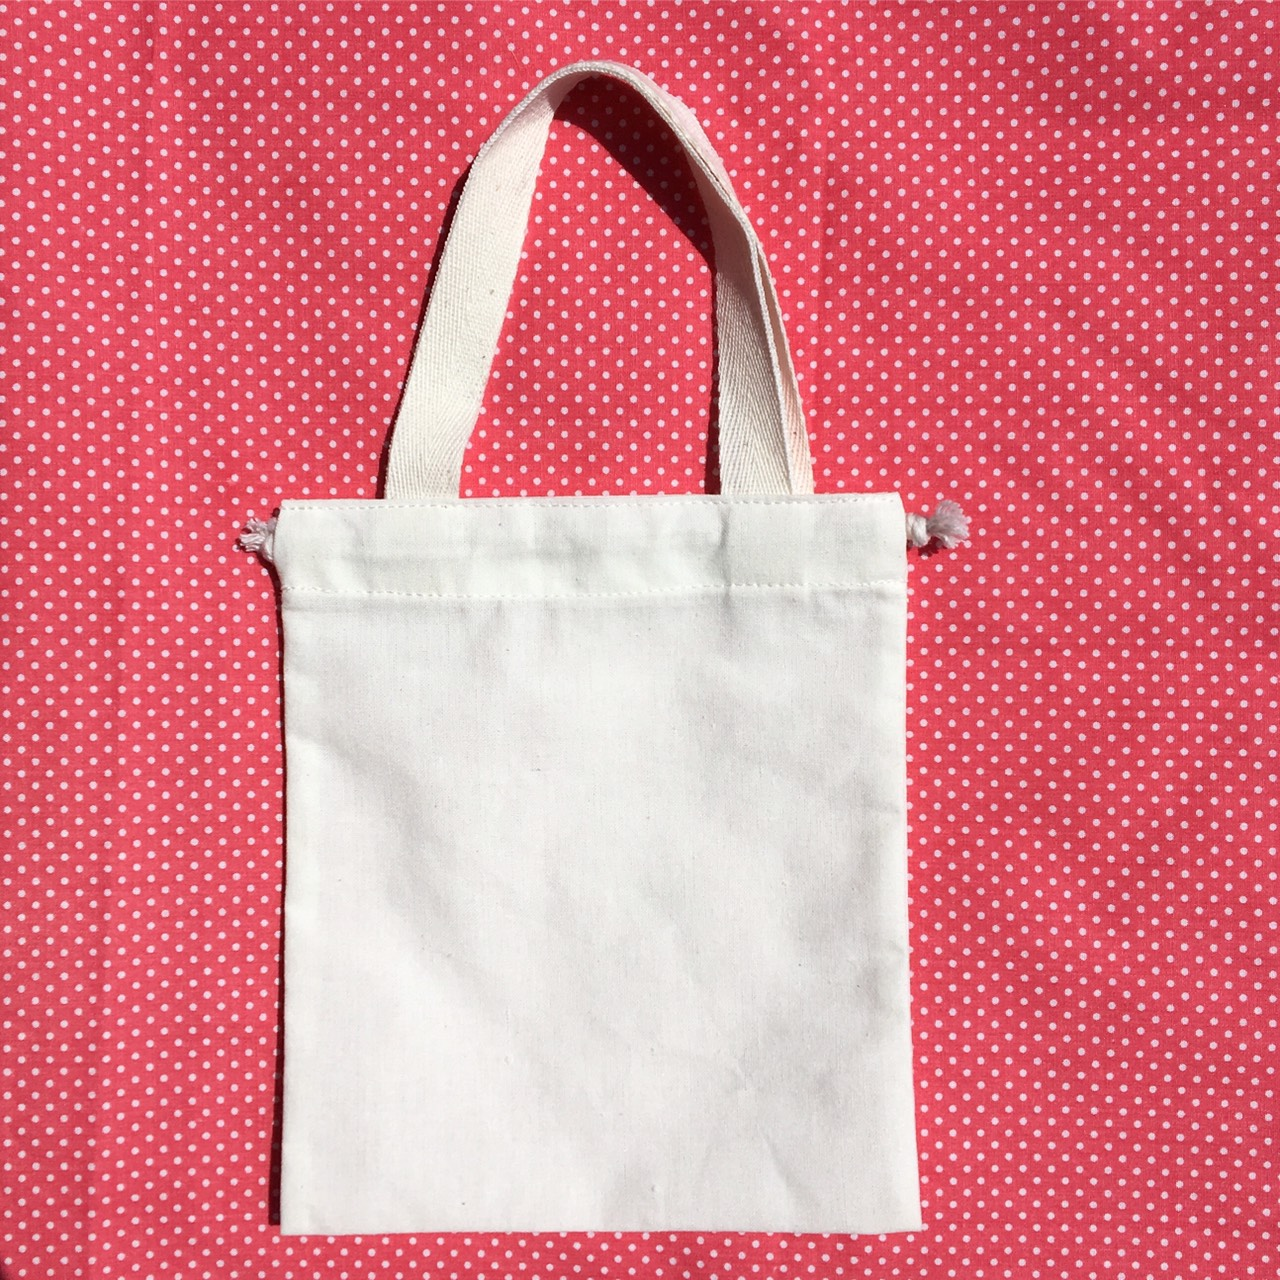 กระเป๋าผ้าดิบ,กระเป๋าผ้าดิบพร้อมสกรีน,กระเป๋าผ้าดิบเปล่า,กระเป๋าผ้าดิบpantip,กระเป๋าผ้าดิบกทม,กระเป๋าผ้าดิบพร้อมส่ง